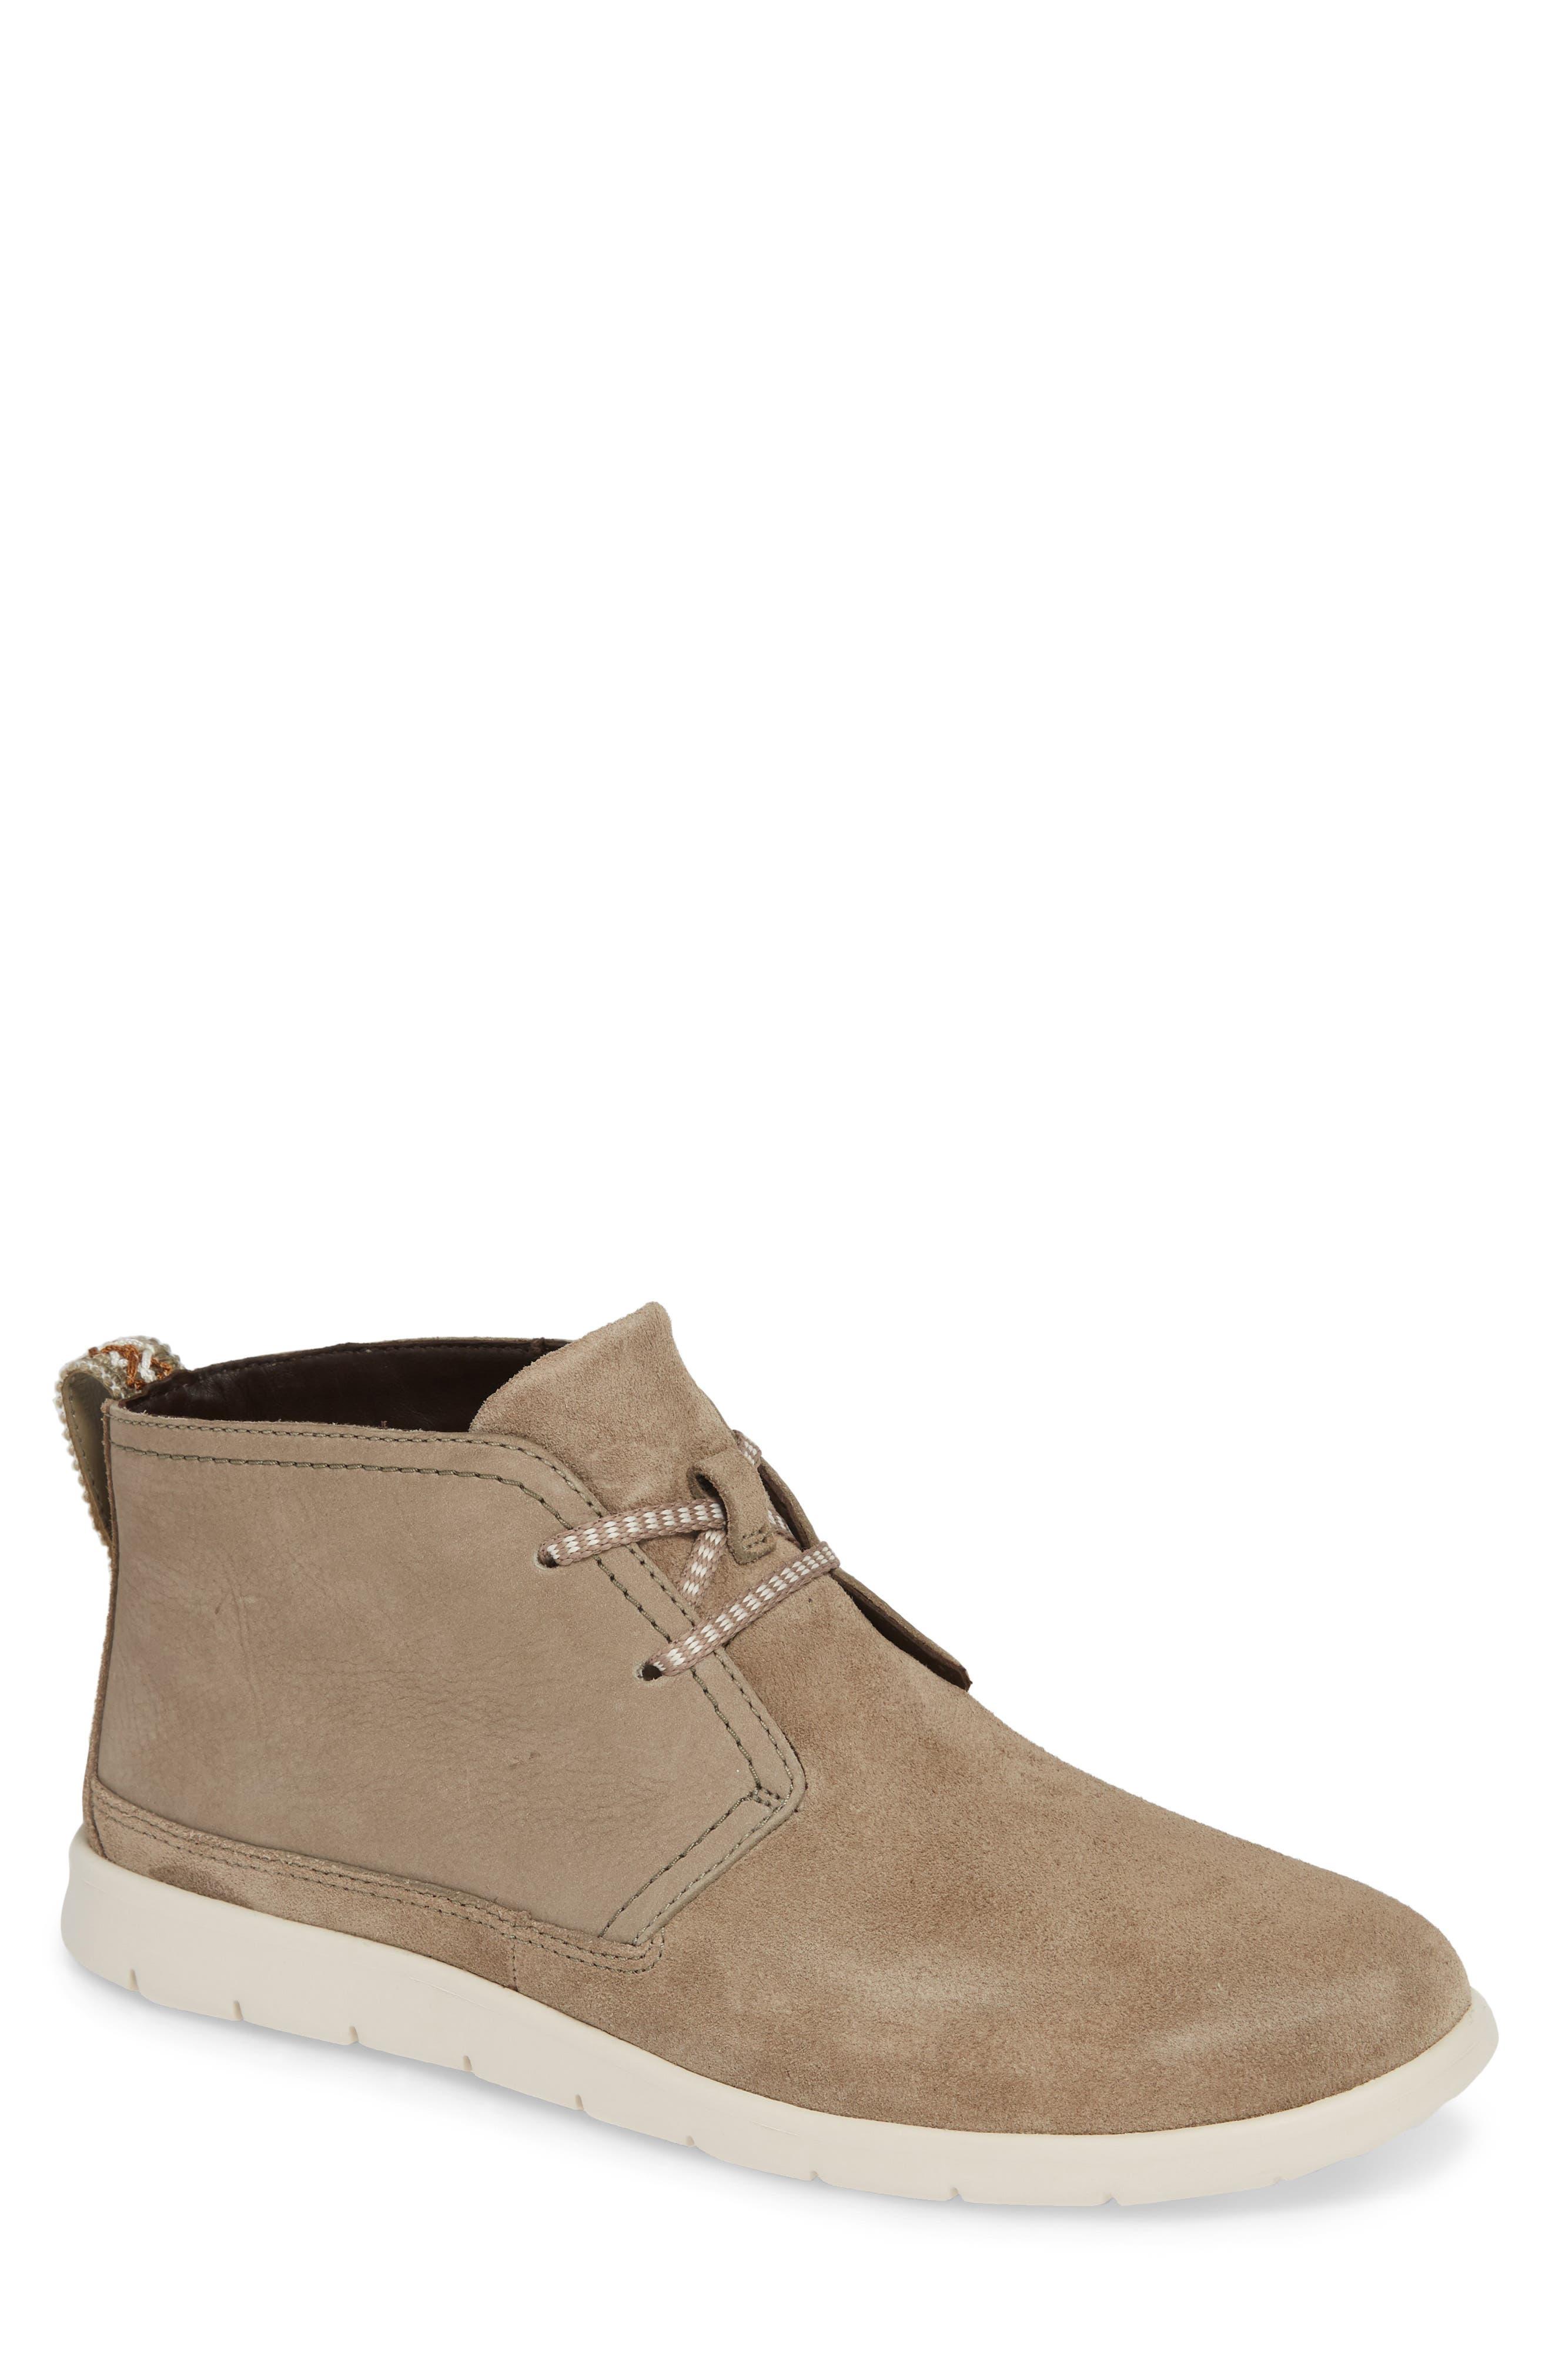 Ugg Freamon Waterproof Chukka Boot, Brown